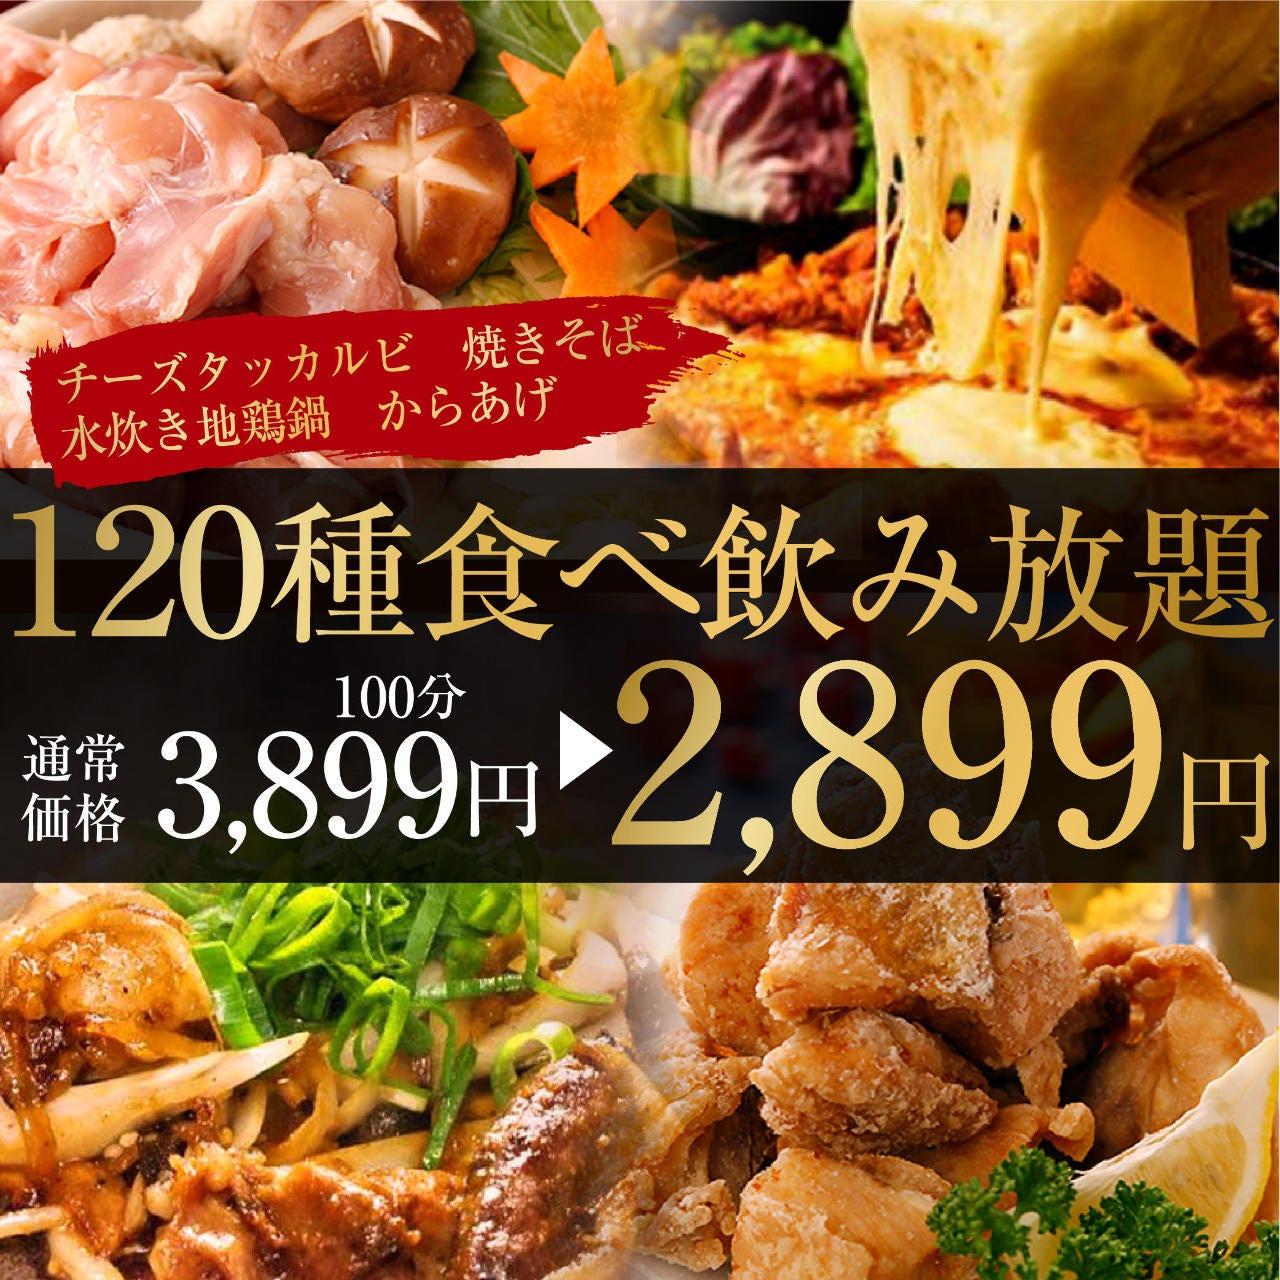 120種以上食べ飲み放題は2899円~